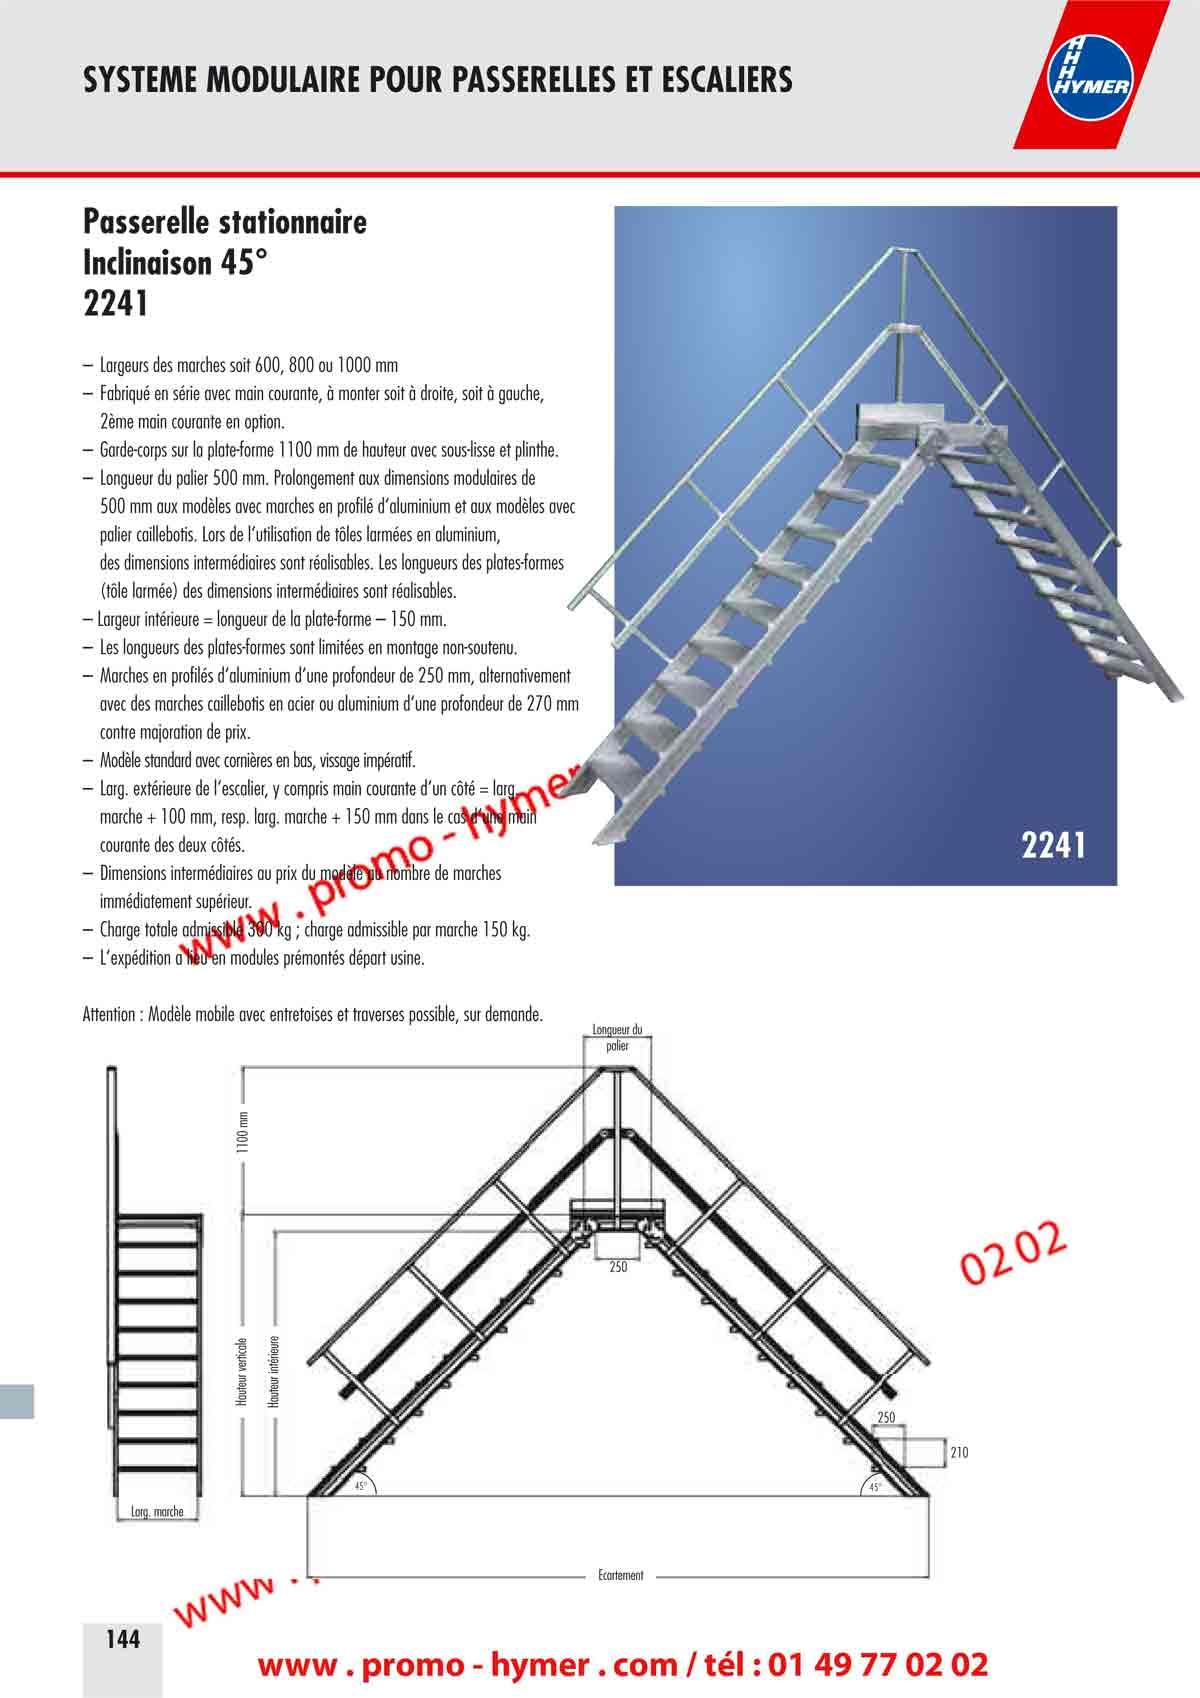 P144 p145 passerelle fixe inclinaison 45 degres marches 0 - Escalier jardin quelles sont les options possibles ...